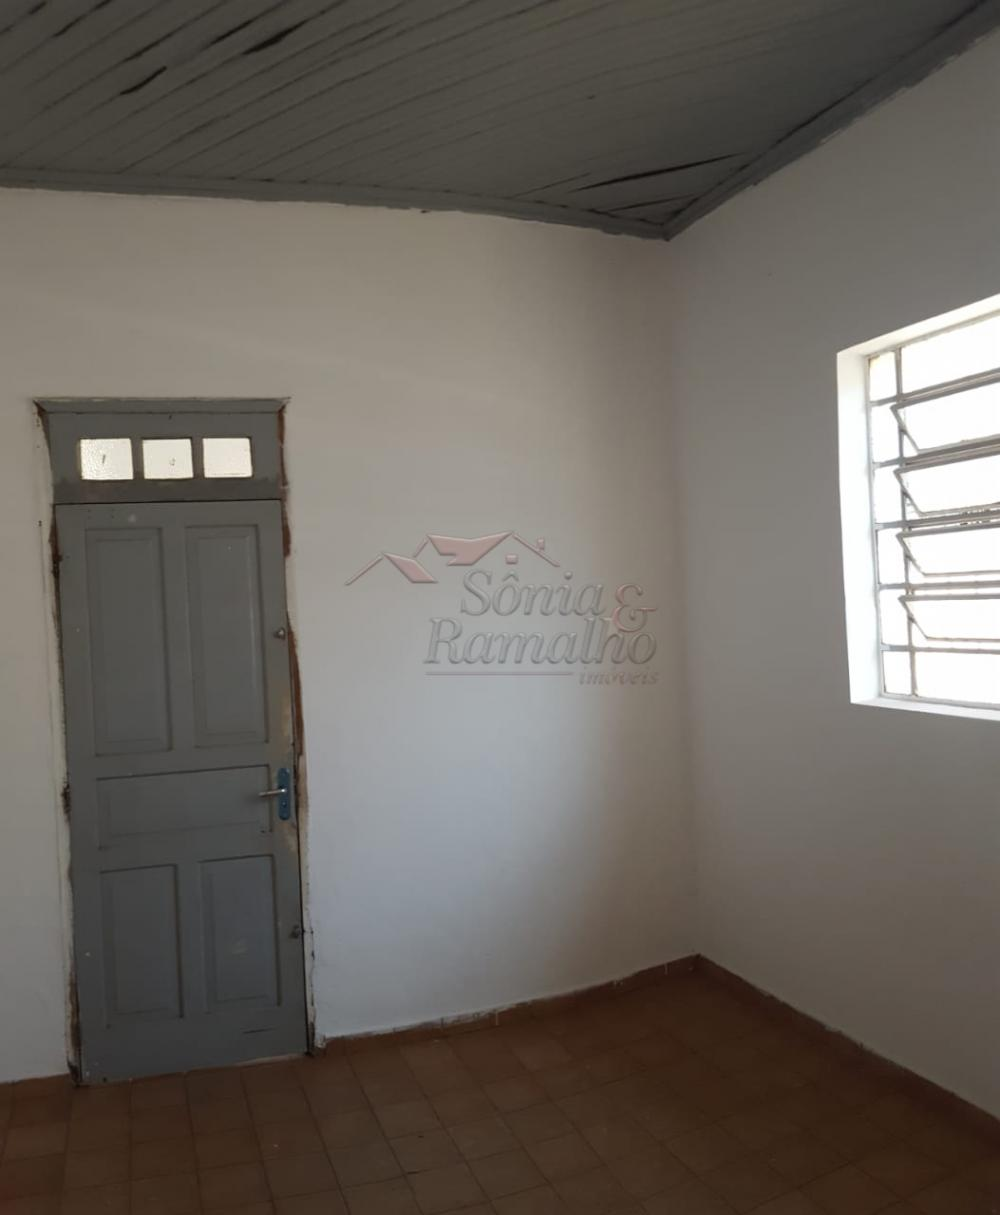 Alugar Comercial / Salão comercial em Ribeirão Preto apenas R$ 3.000,00 - Foto 24